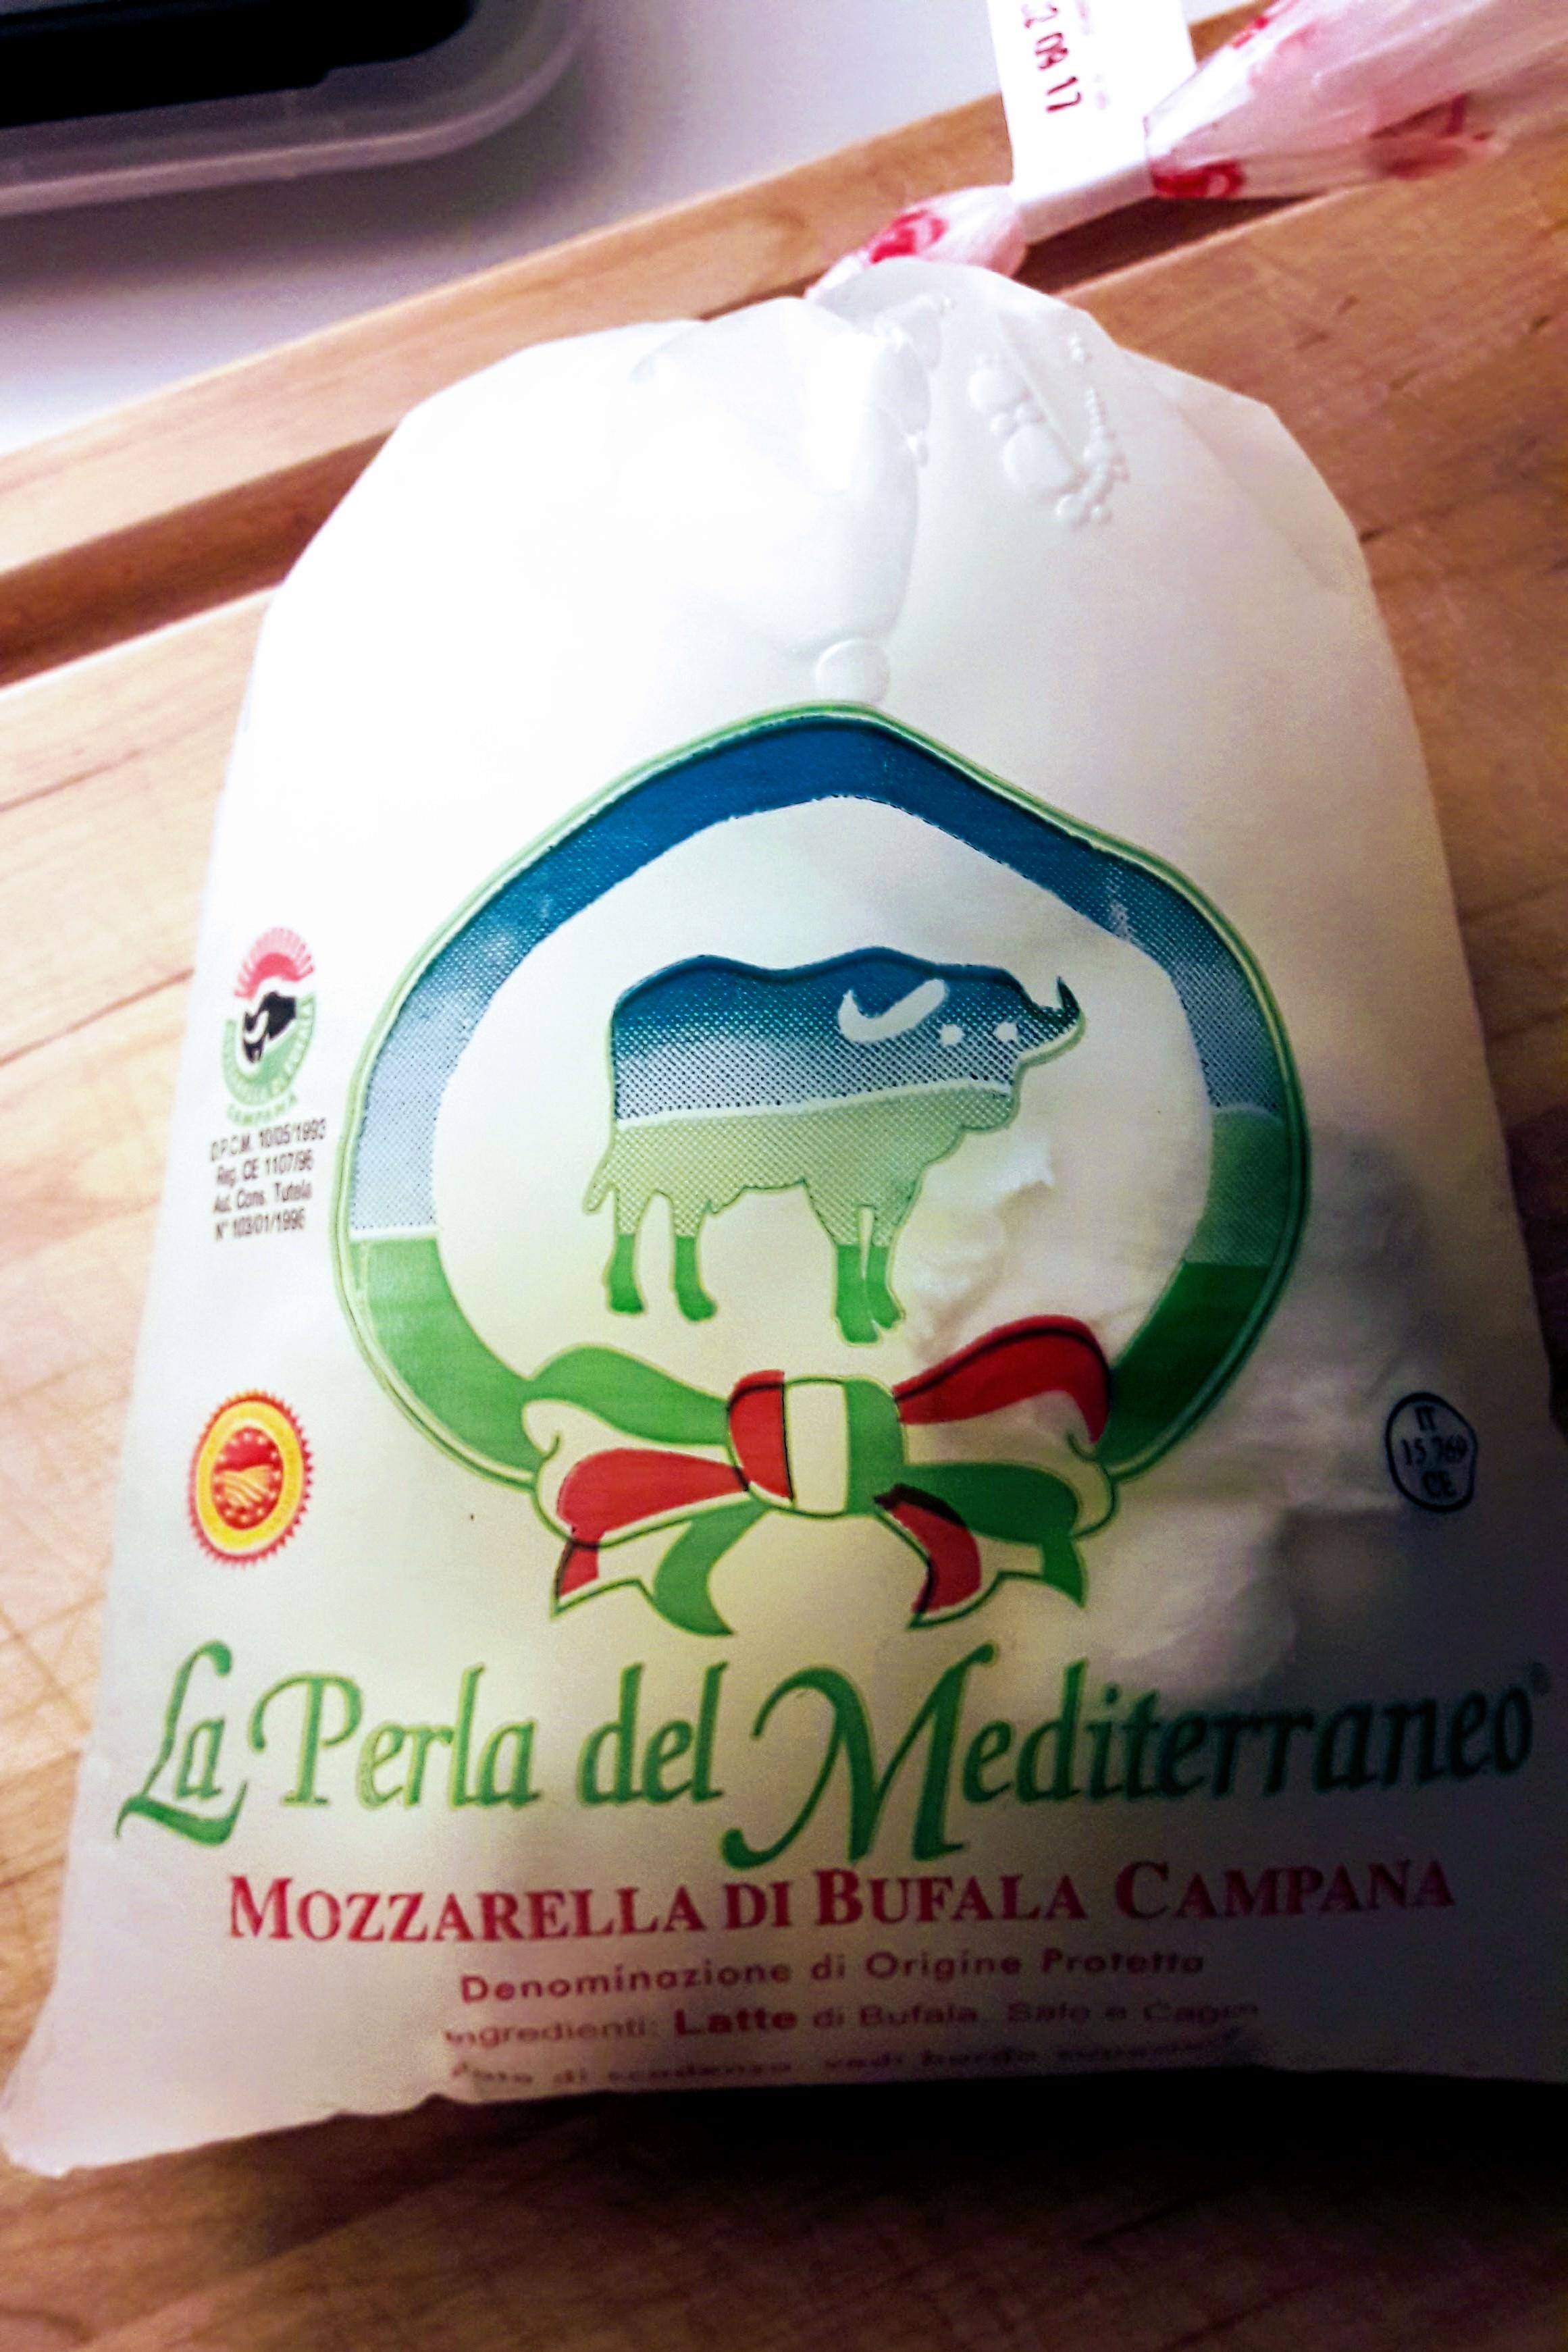 Ce fromage a été fabriqué dans la région de Campania en Italie, près de la mer et la belle côte amalfitaine.